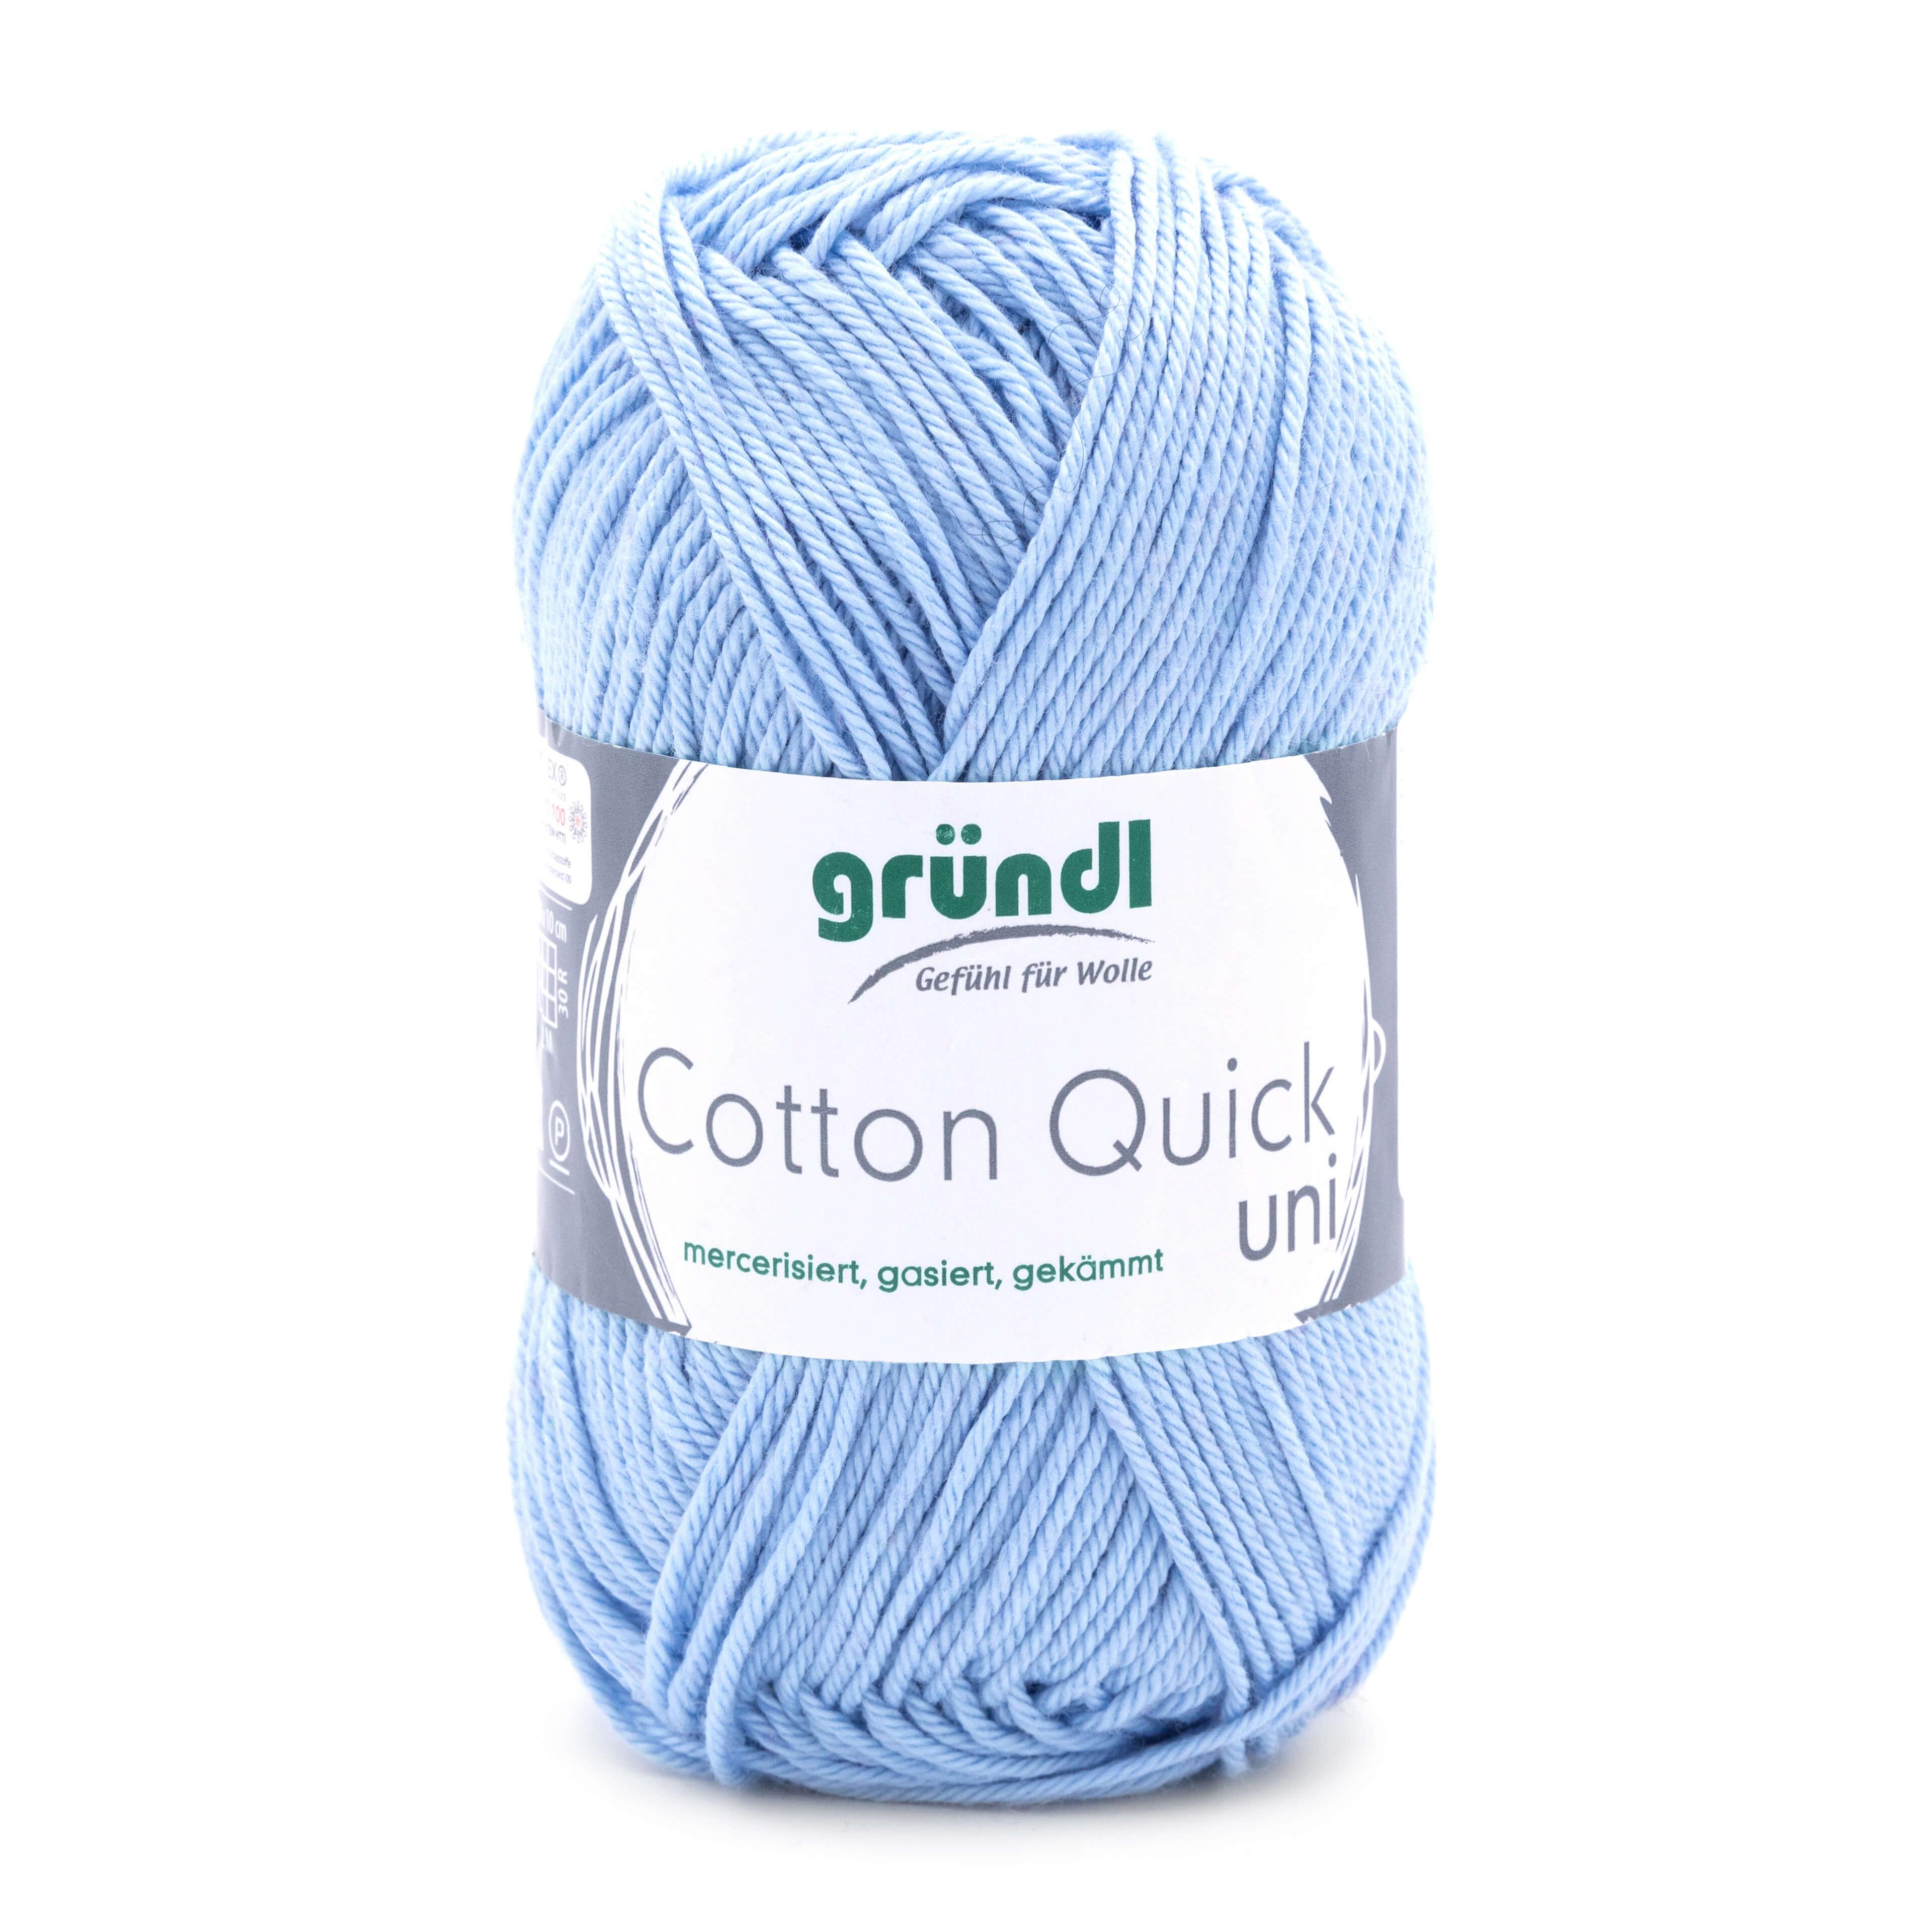 himmelblaue Wolle zum Stricken und Häkeln aus Baumwolle